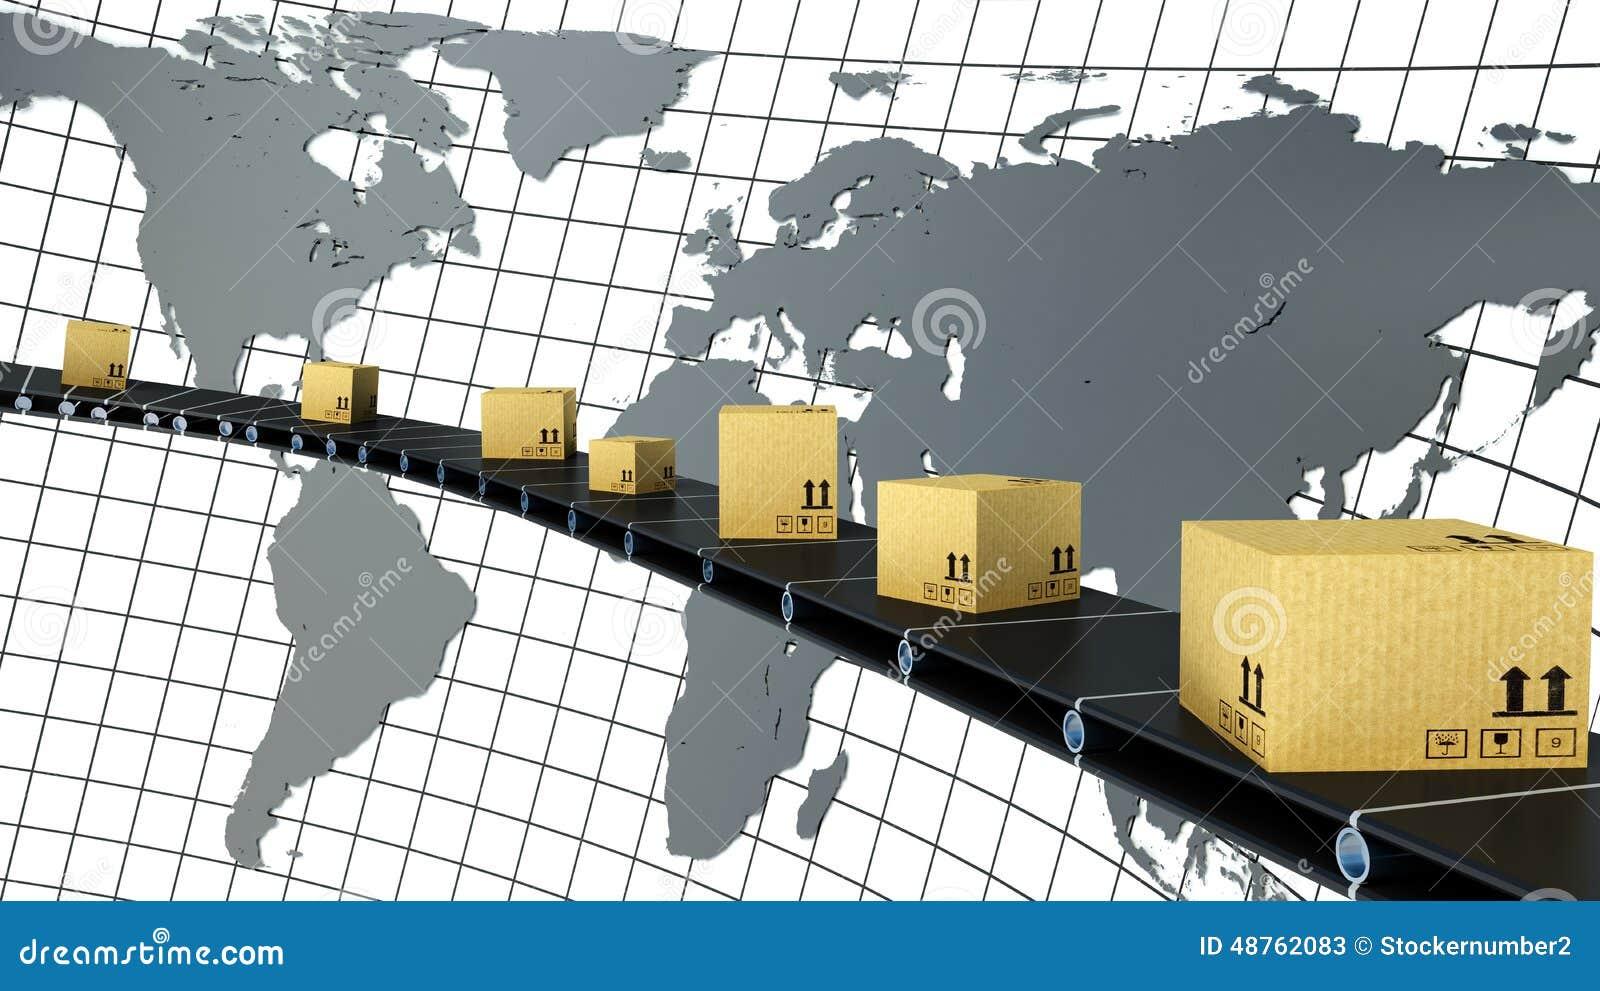 Des boîtes en carton sont livrées partout dans le monde sur le convoyeur